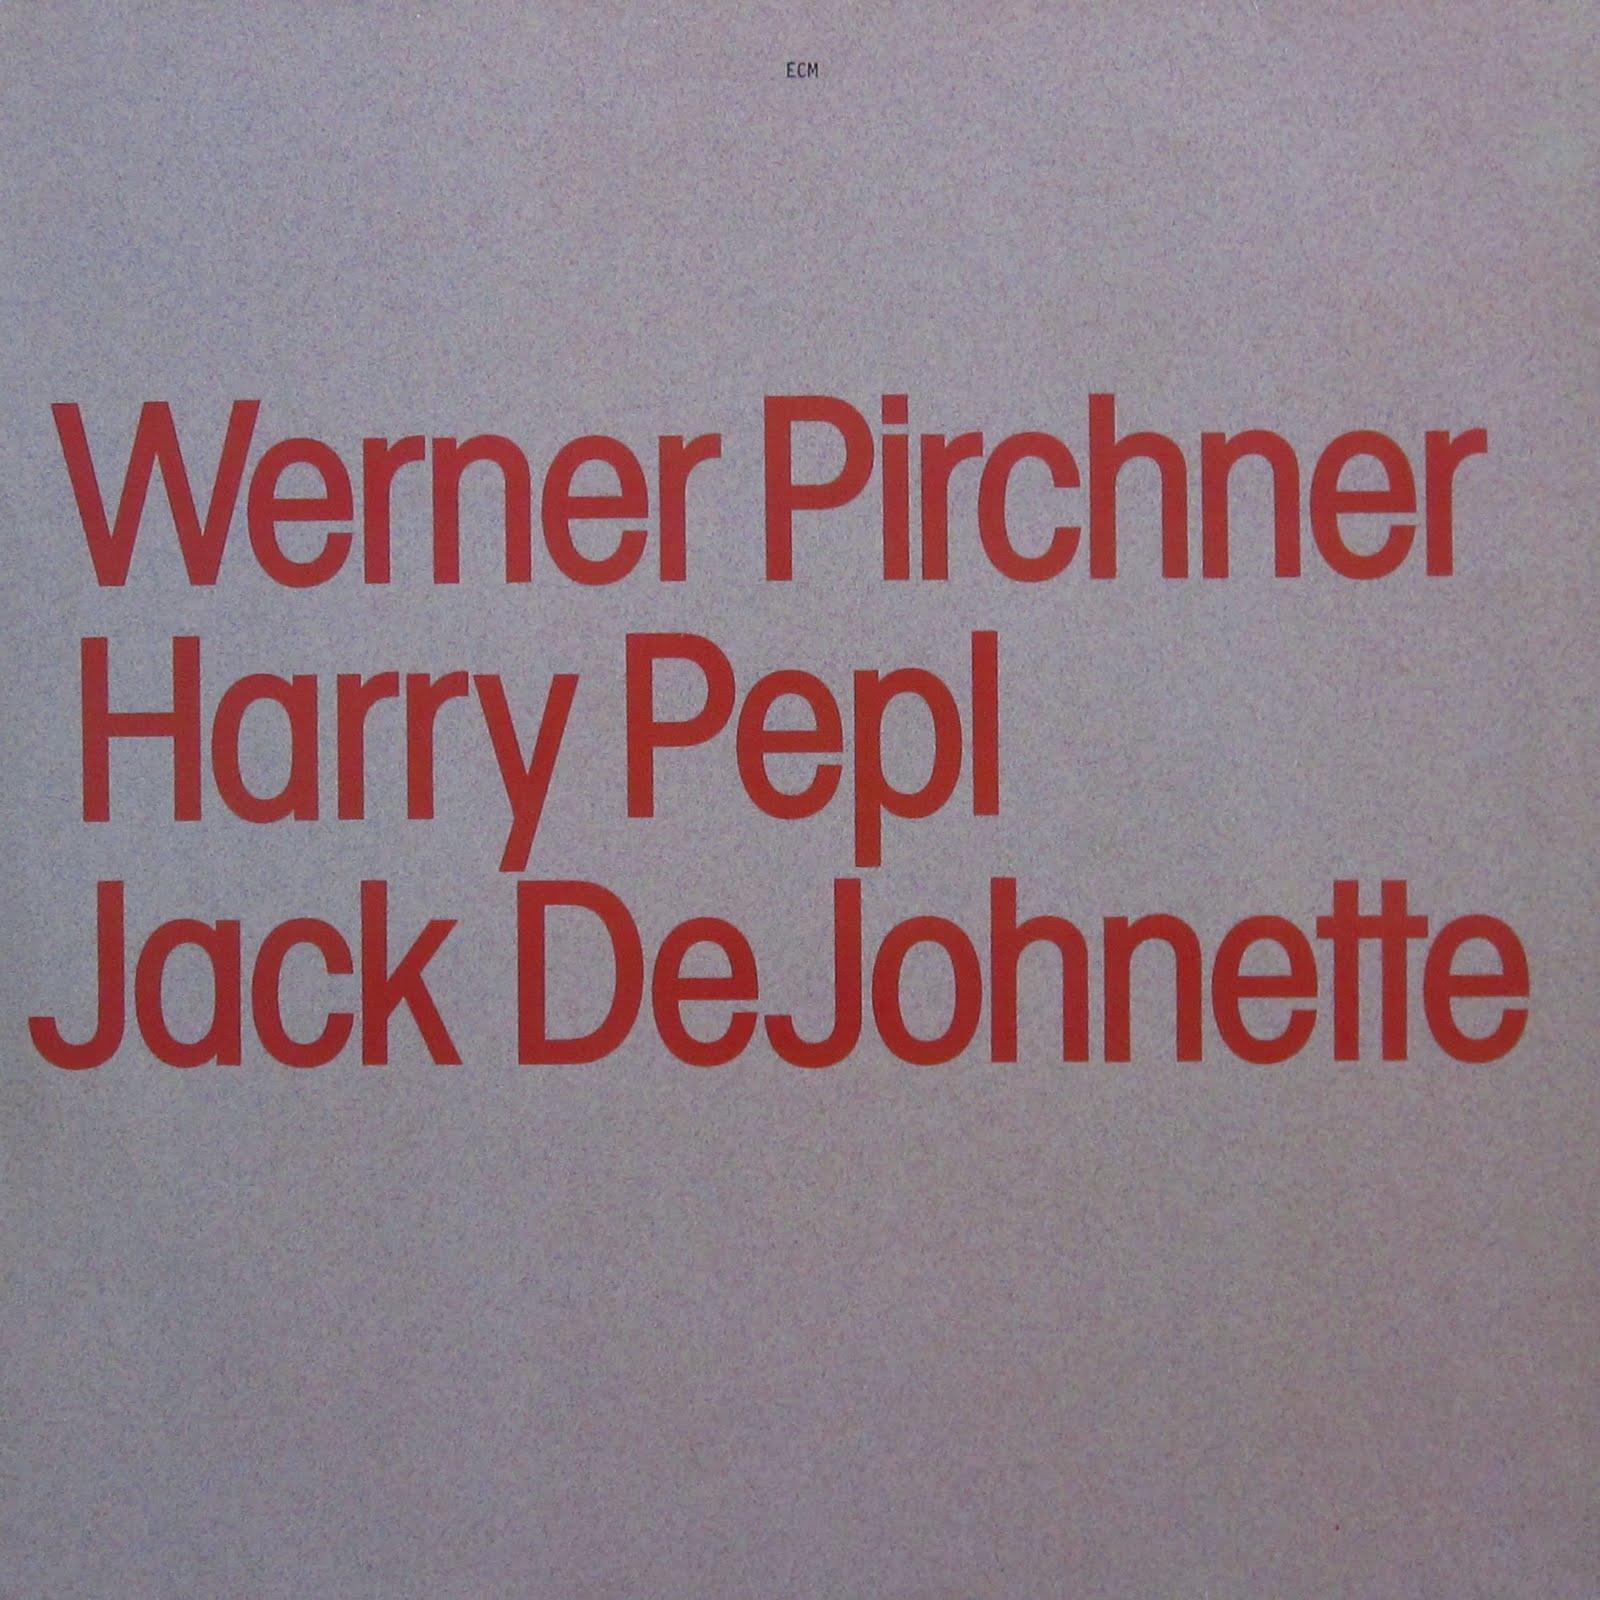 Werner Pirchner / Harry Pepl / Jack DeJohnette - Werner Pirchner / Harry Pepl / Jack DeJohnette